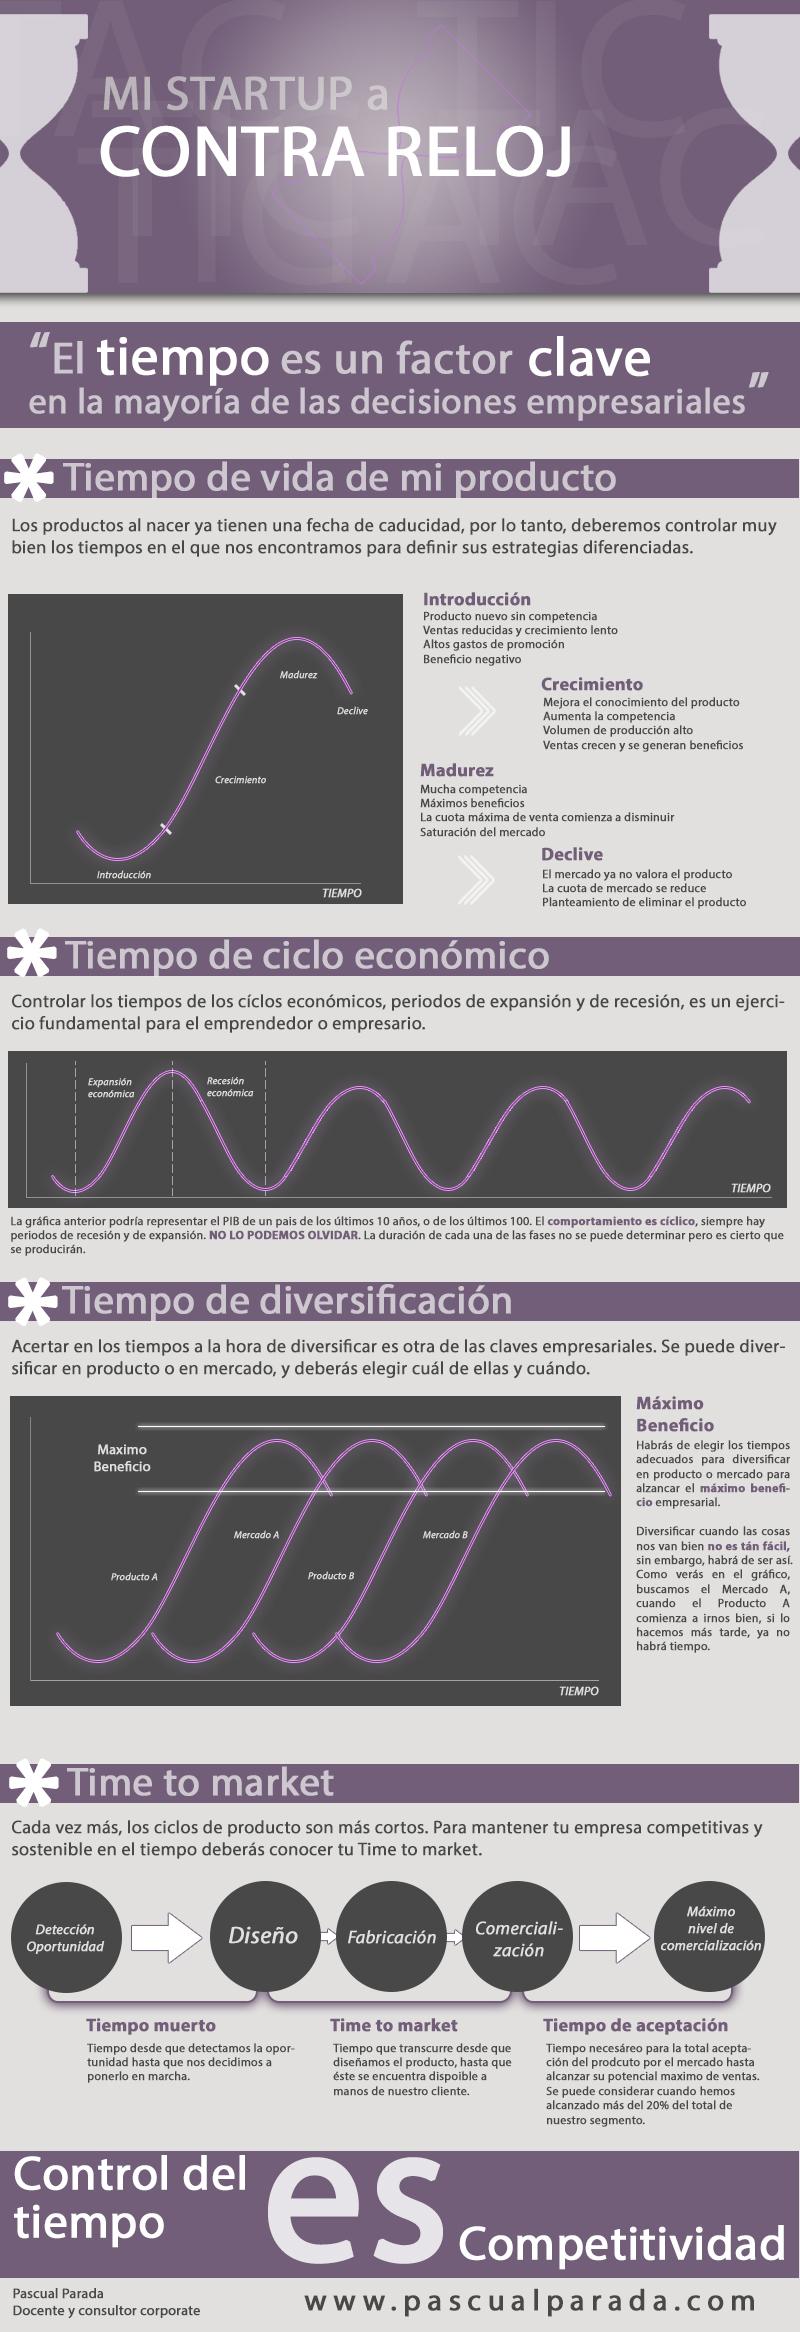 TiempoYCompetitividad1.jpg